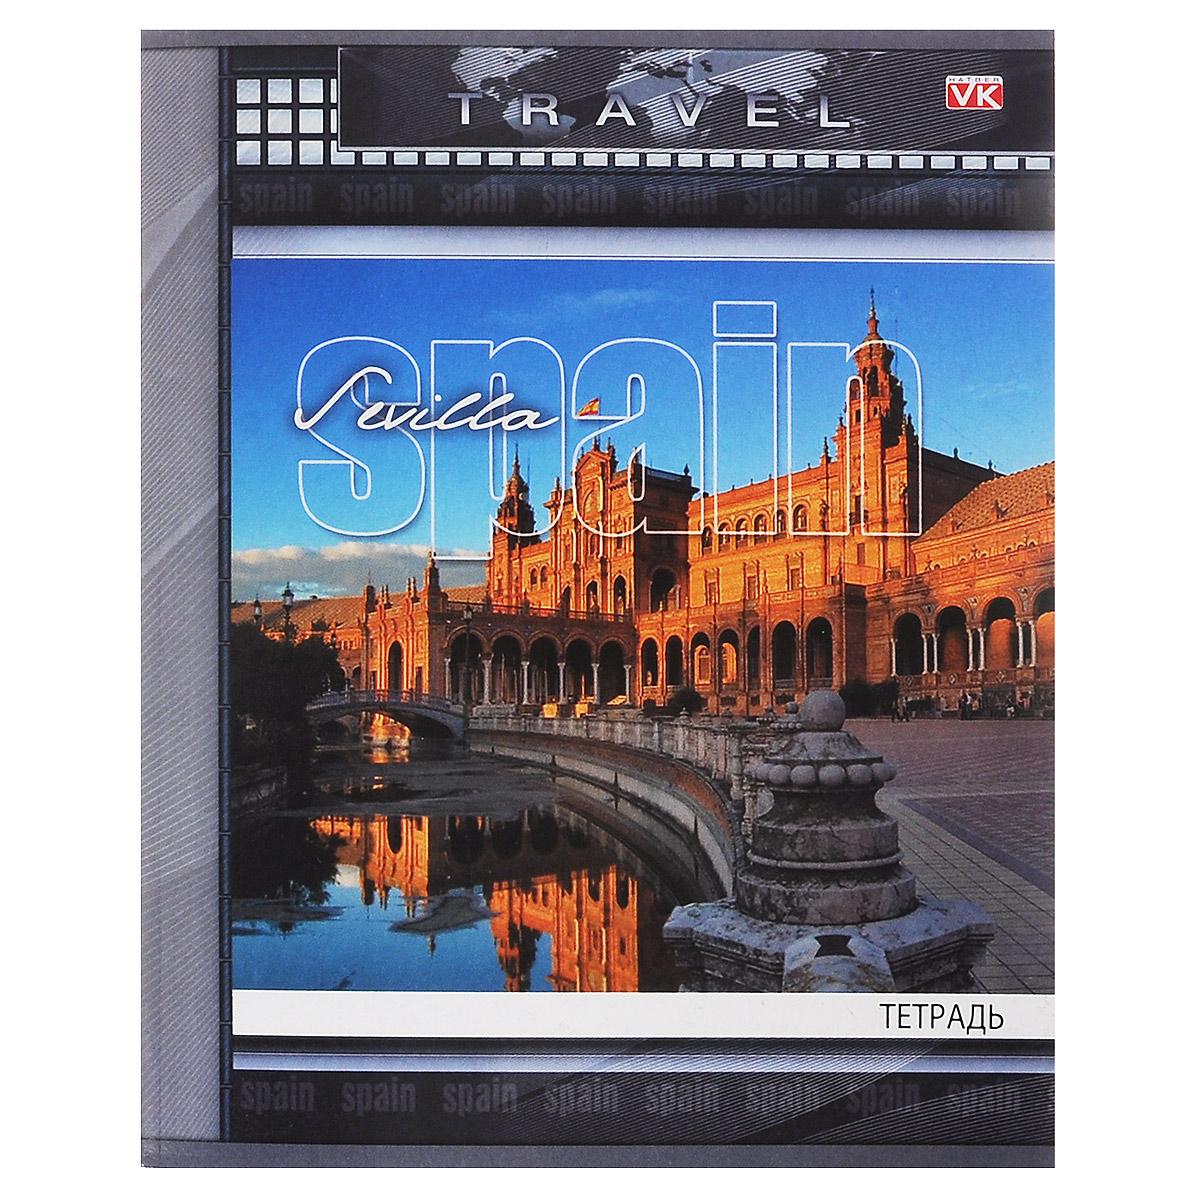 Тетрадь Hatber Travel. Spain, 96 листов96Т5С1_07941Рабочая тетрадь Travel. Spain в клетку содержит 96 листов, на каждом их которых есть клеточка на скобе. Отлично подойдет для занятий не только школьнику, но и студенту. Тетрадь удобна как для учебы, так и для работы.